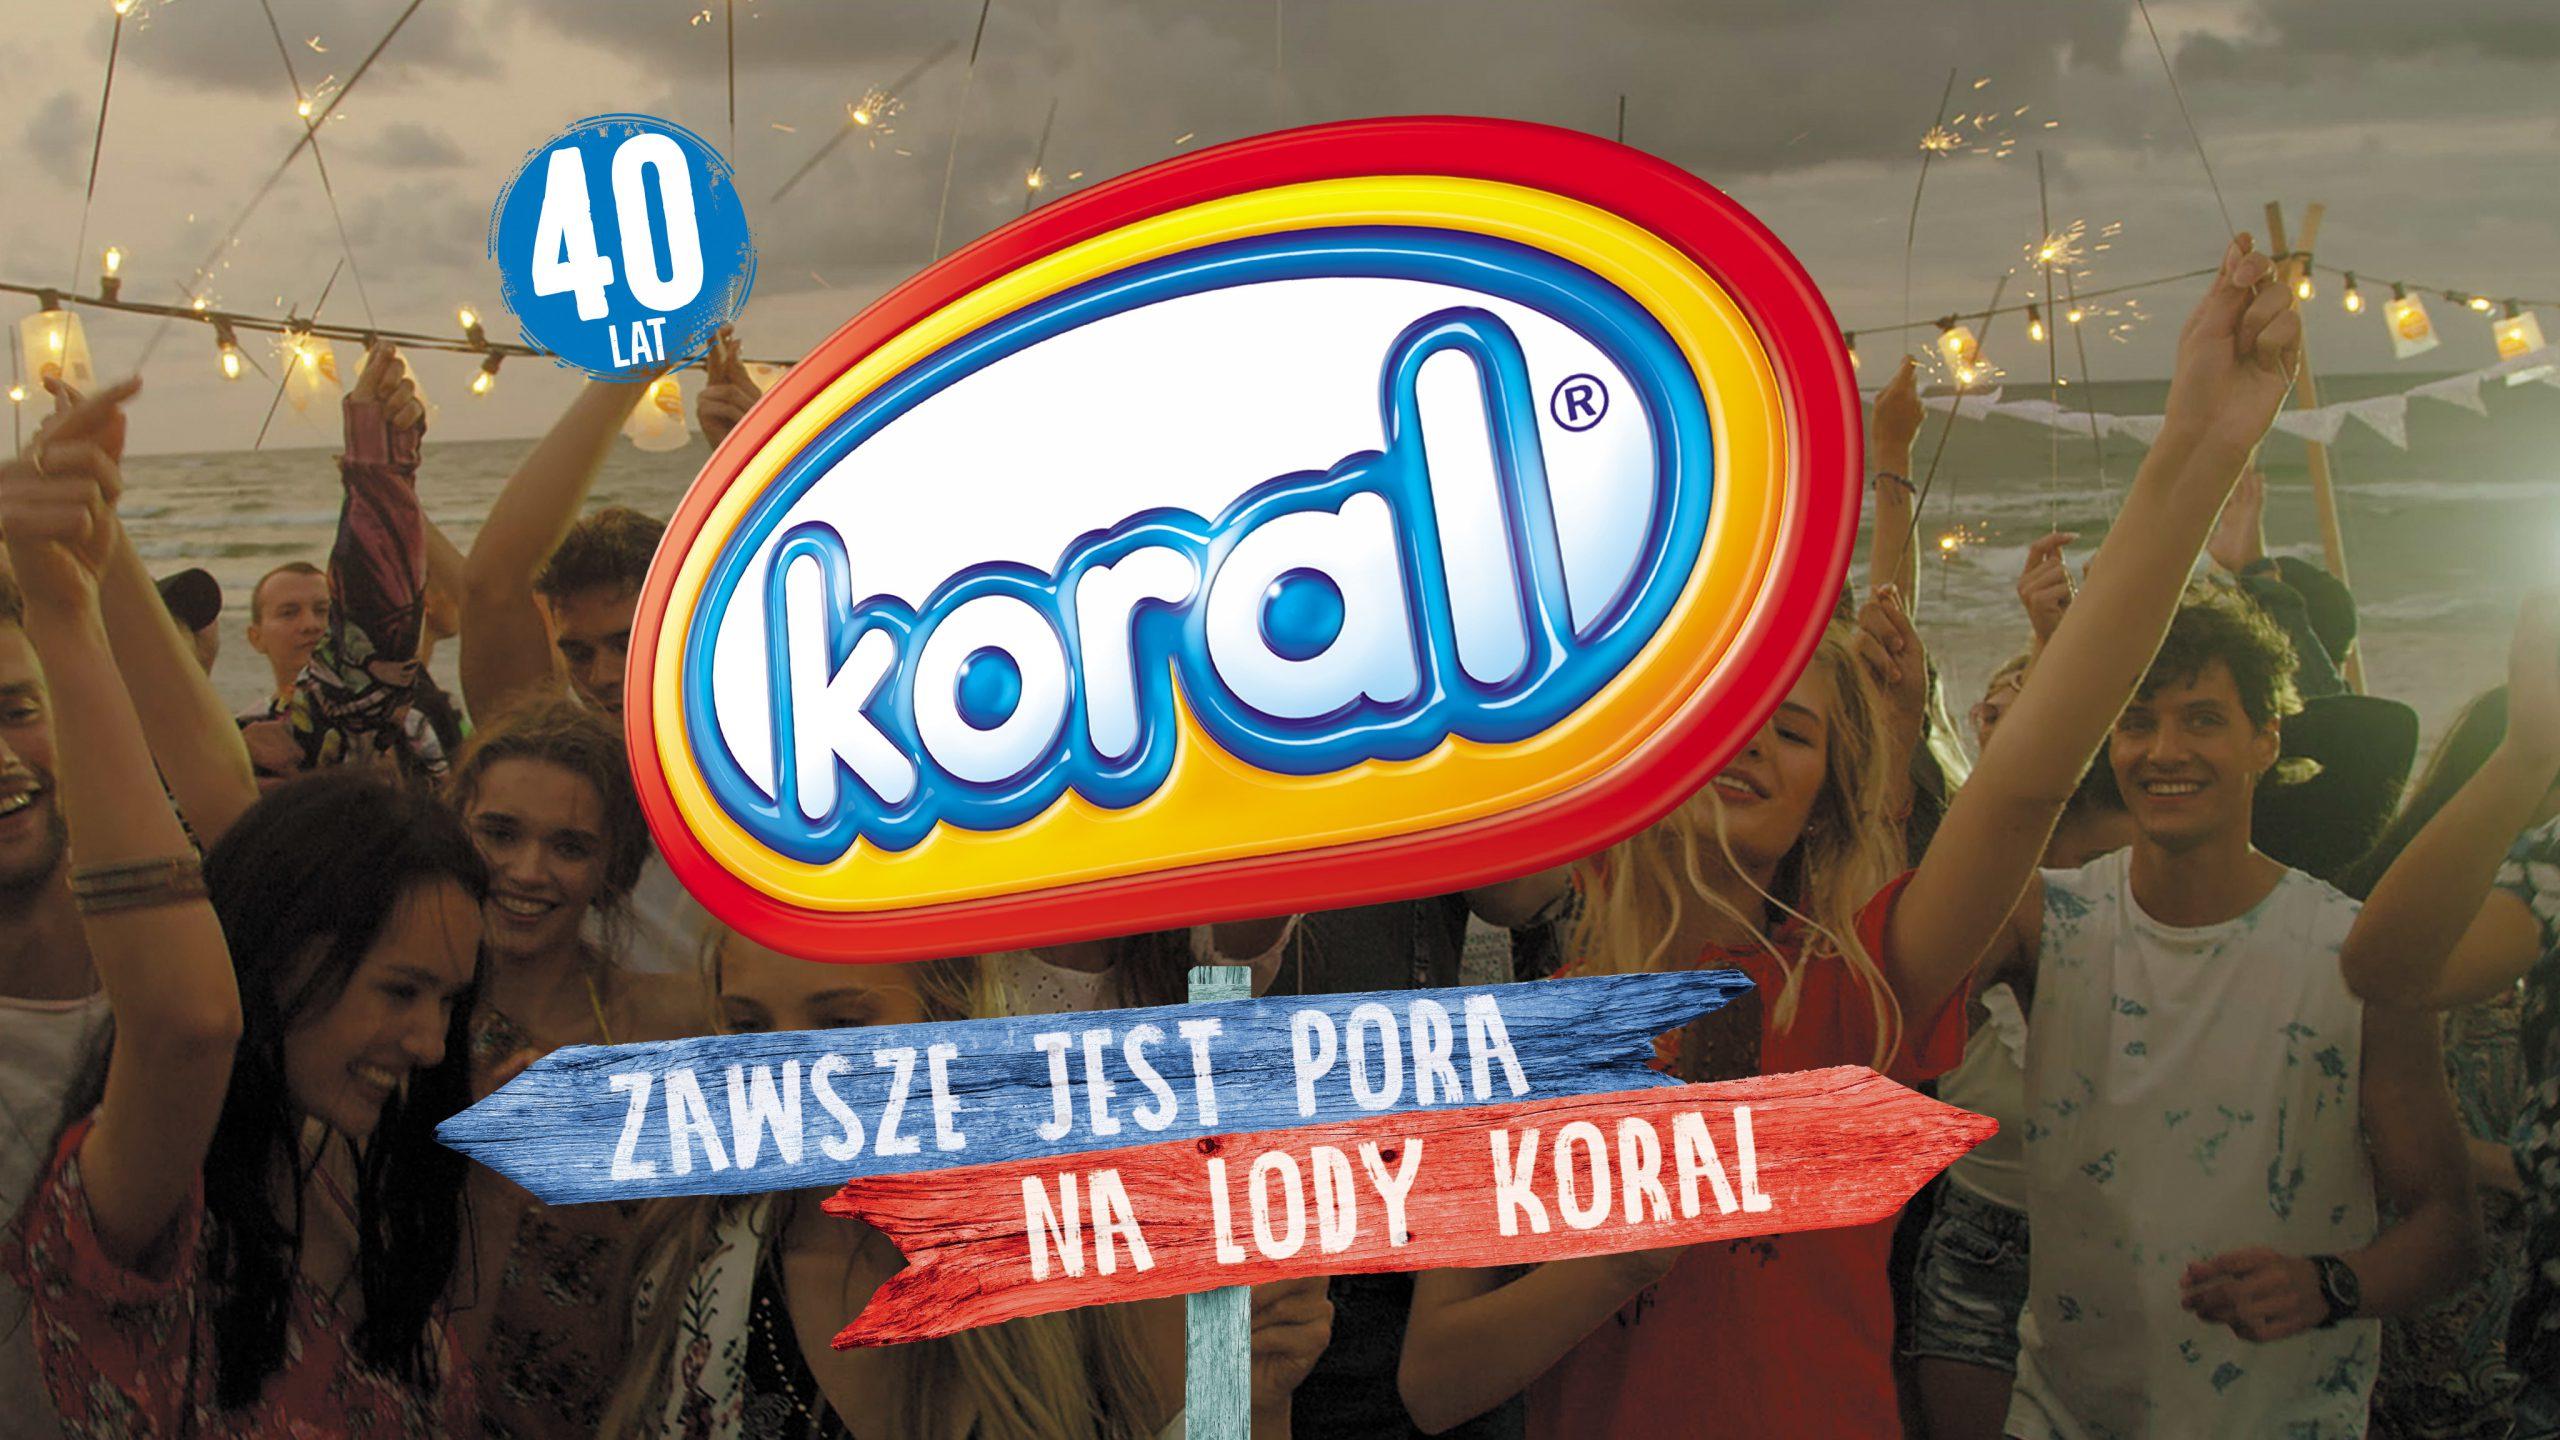 PPL Koral – 40 lat wspomnień Polaków z Koralem